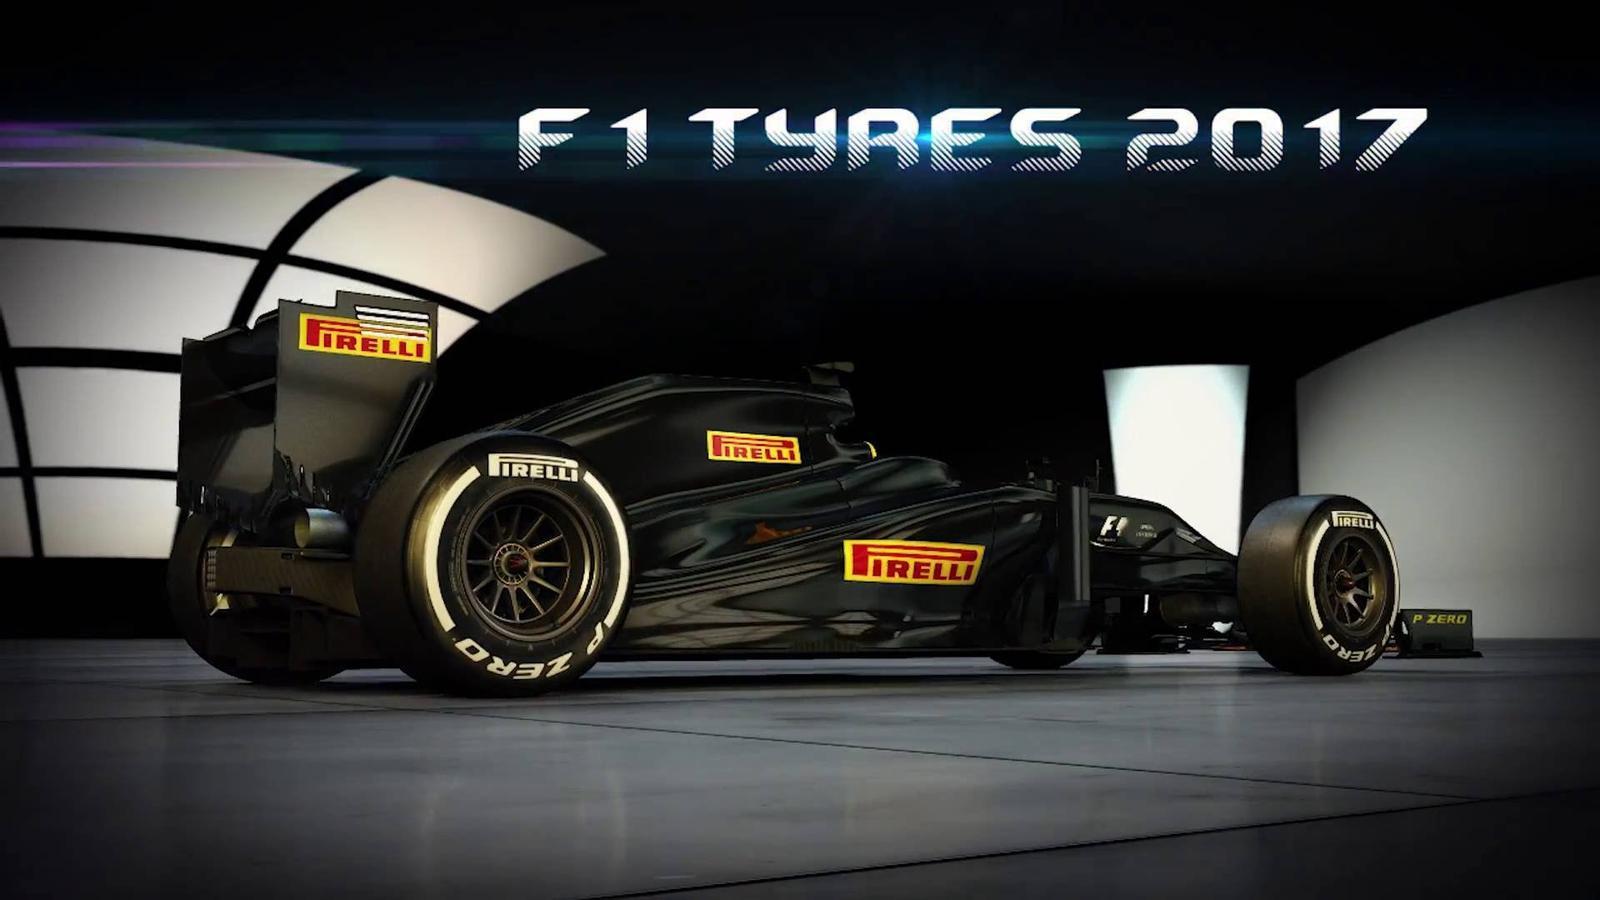 Les novetats dels Fórmula 1 del 2017: els pneumàtics